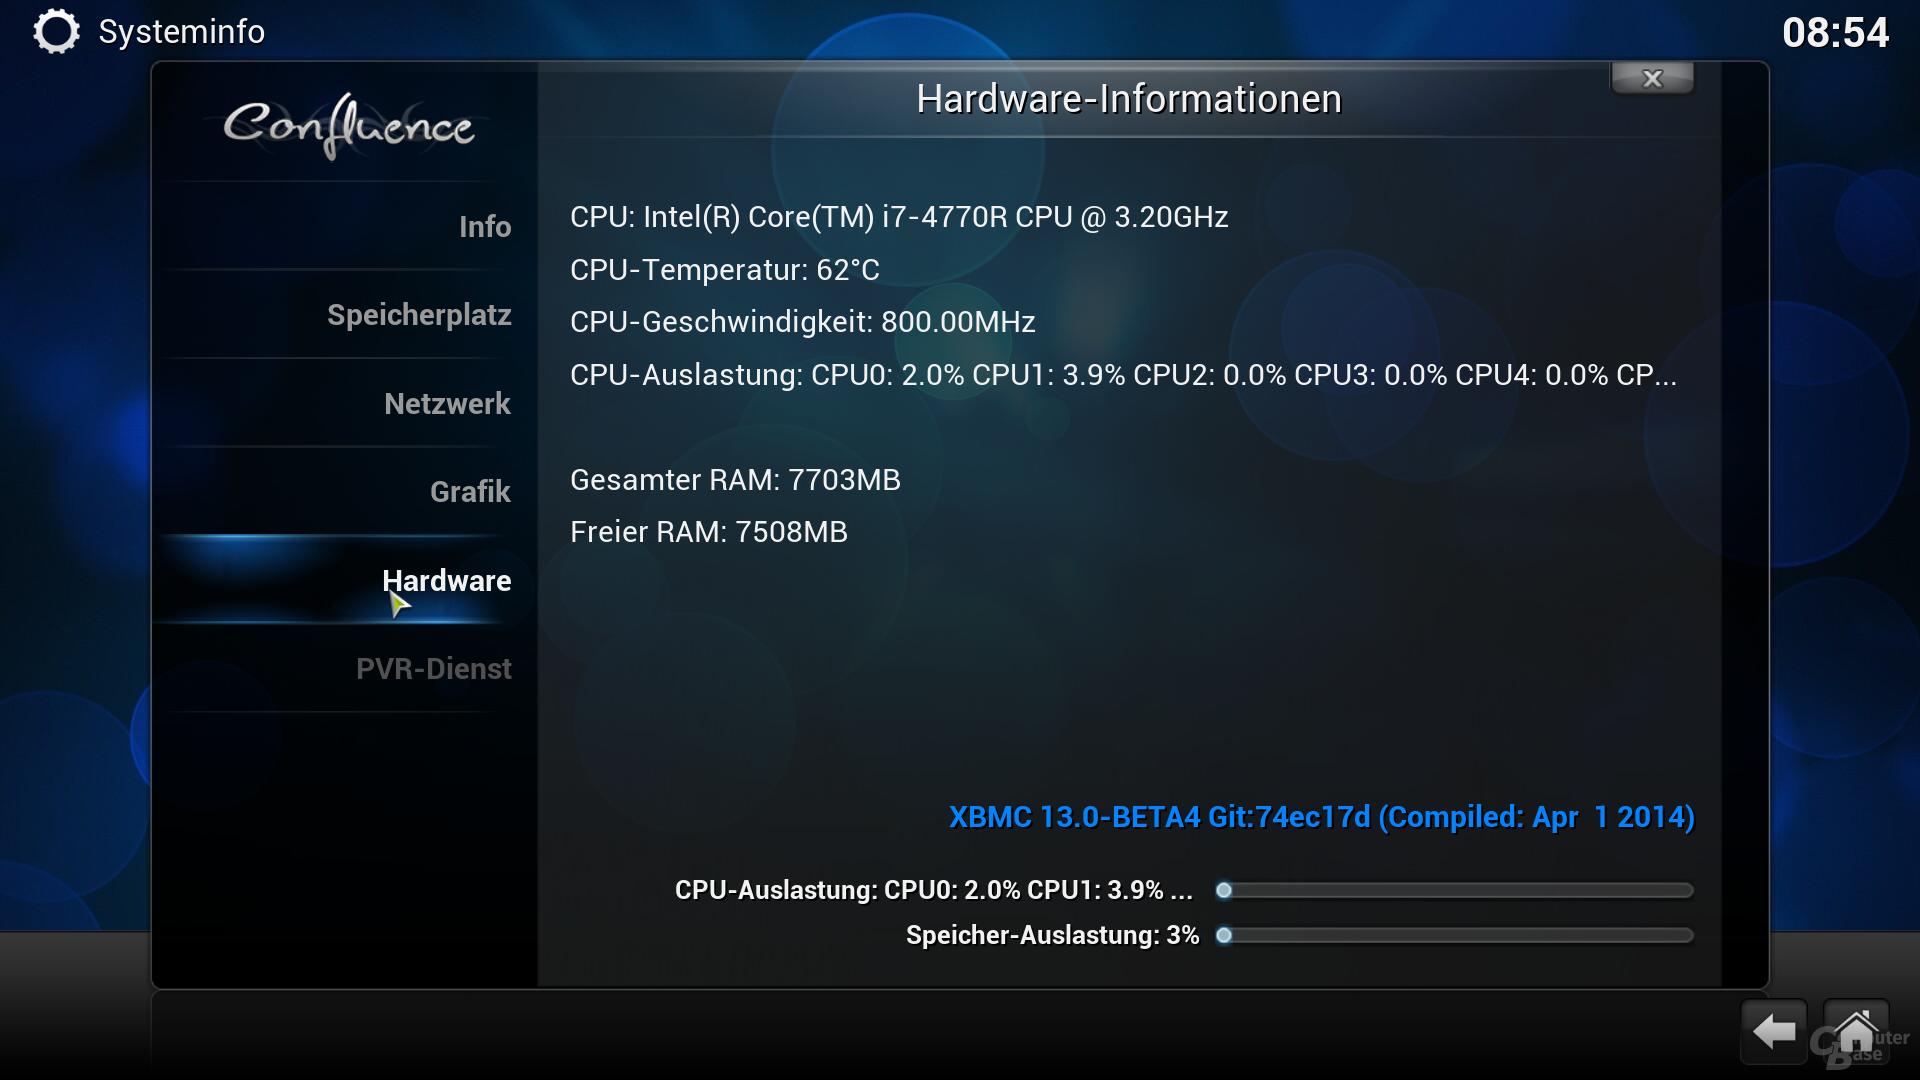 XBMC-Betrieb bei 20 Watt und 62 Grad CPU-Temperatur